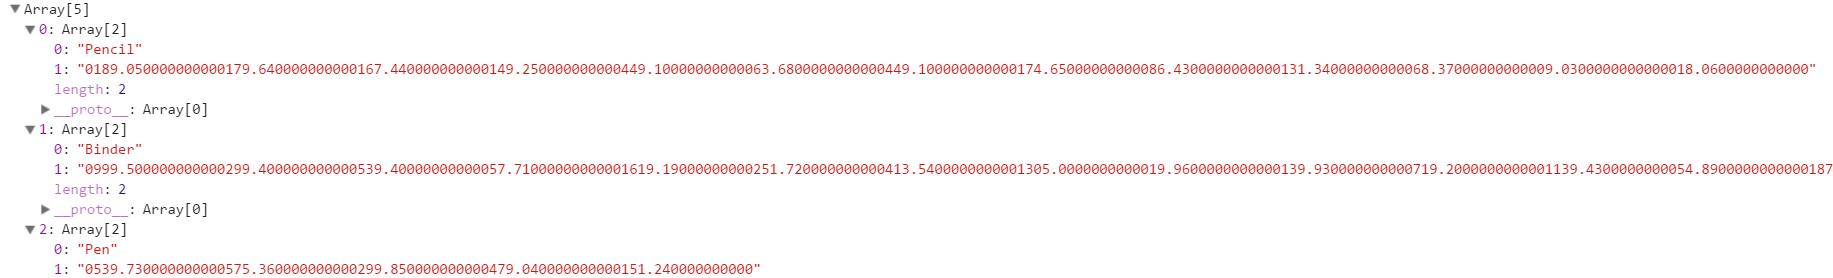 Jqplot Pie Chart Javascript